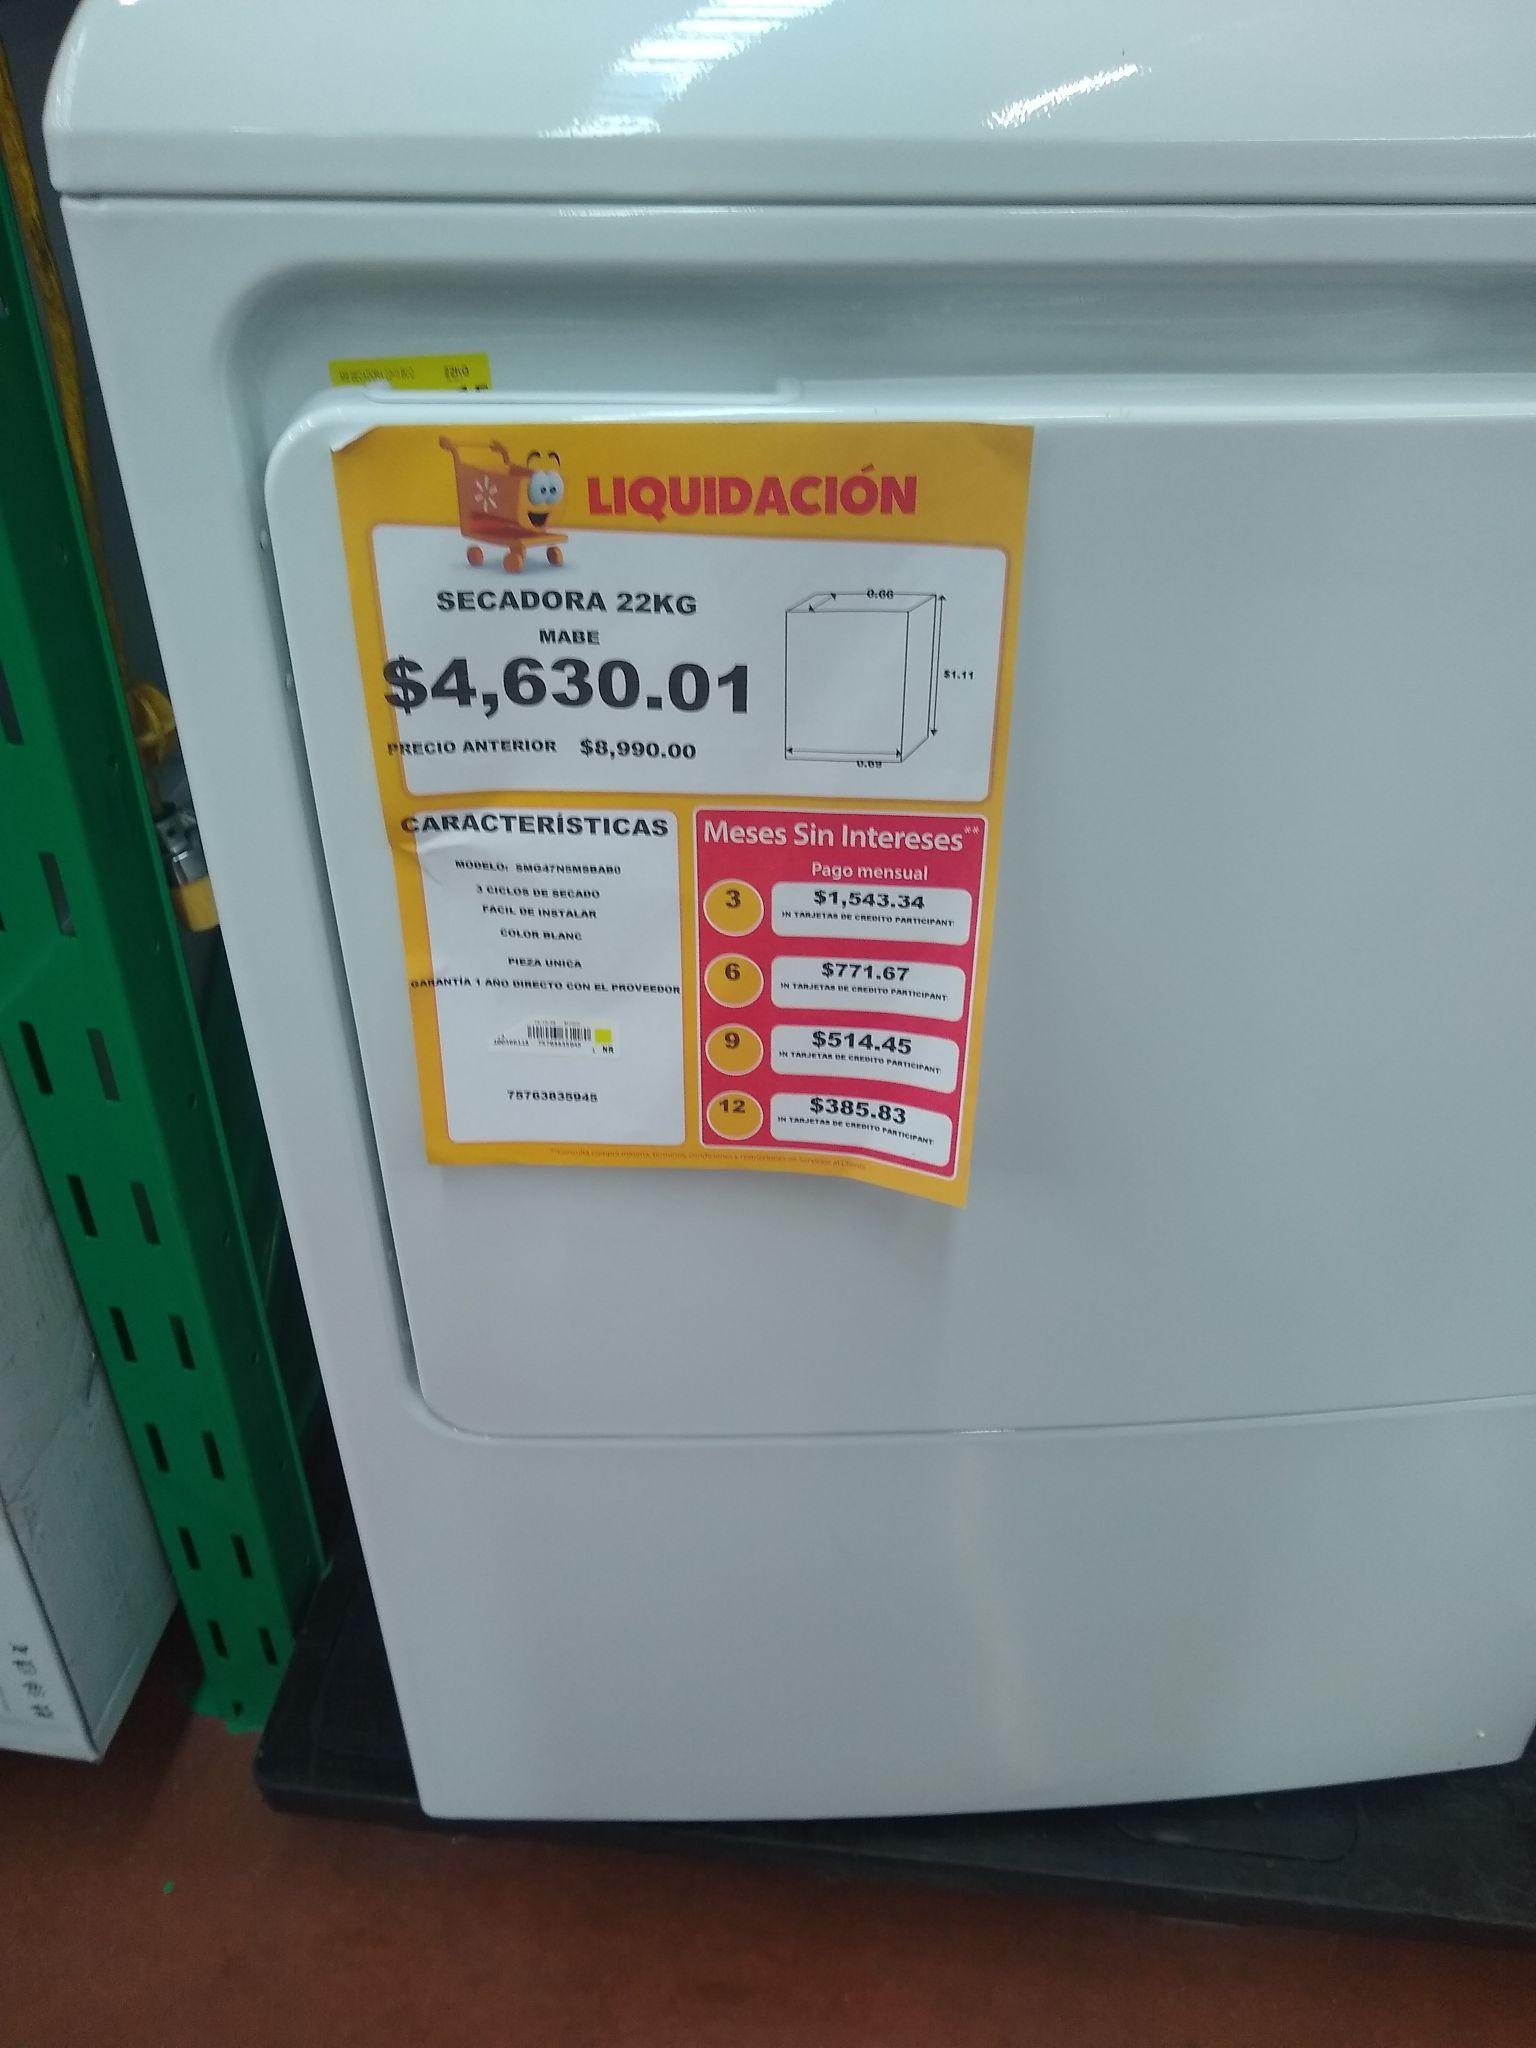 Walmart: Secadora MABE 22kg y Horno LG Inverter en última liquidación